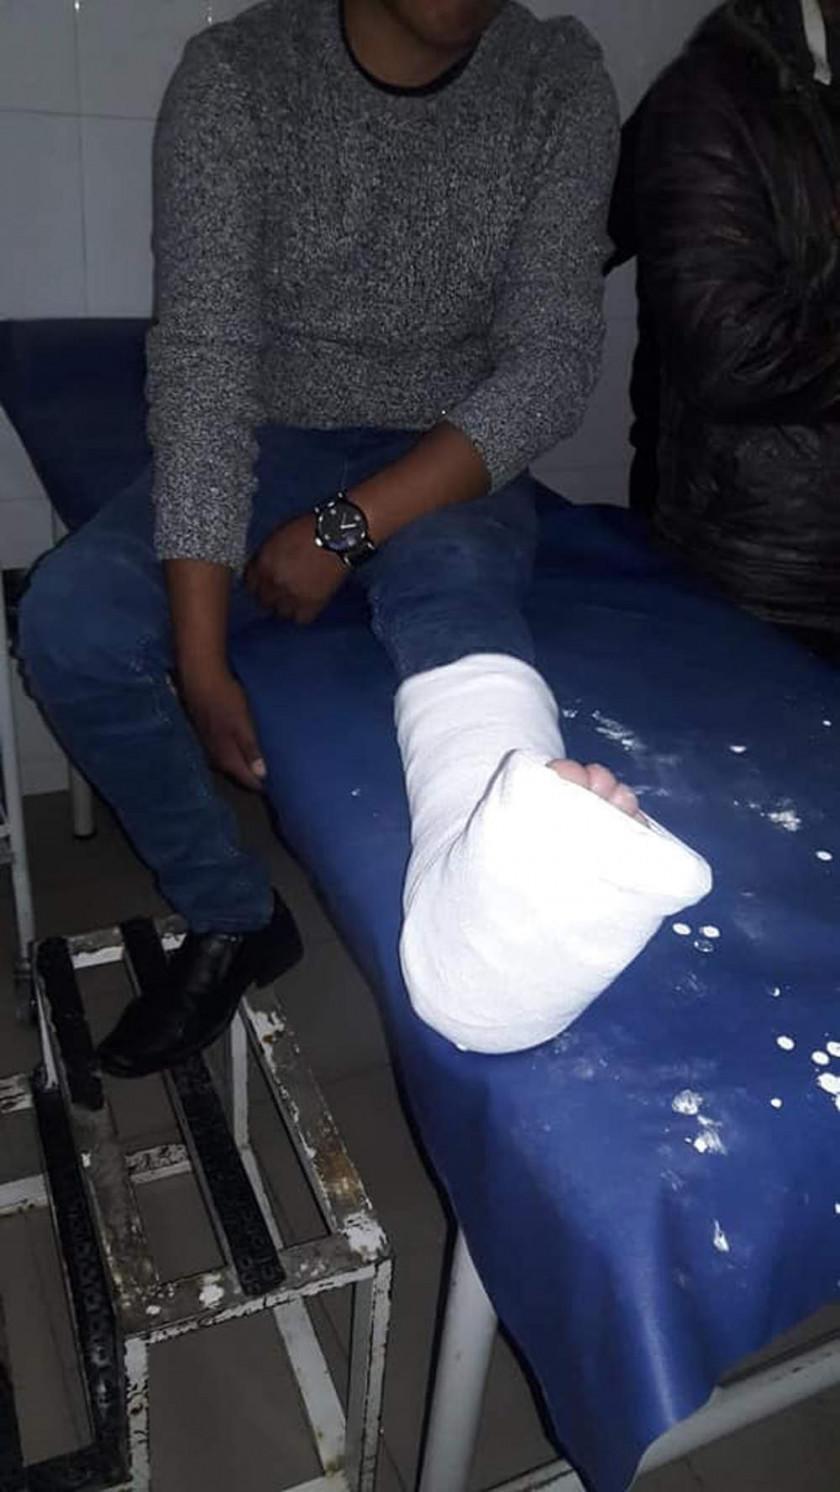 Motociclista se estrella contra un vehículo y hay un herido